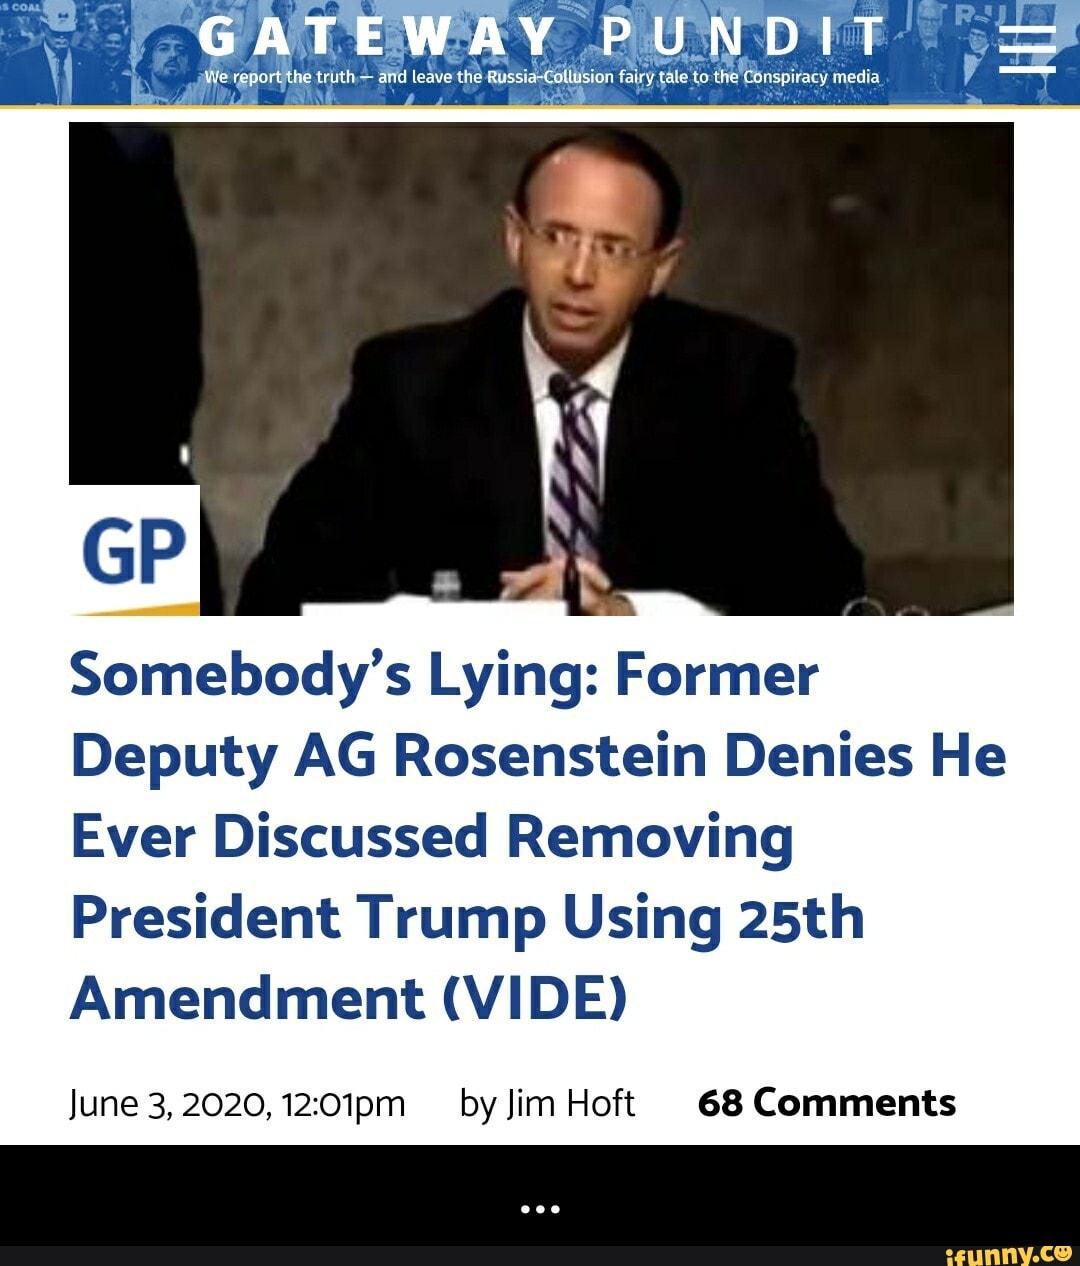 Somebody's Lying: Former Deputy AG Rosenstein Denies He ...